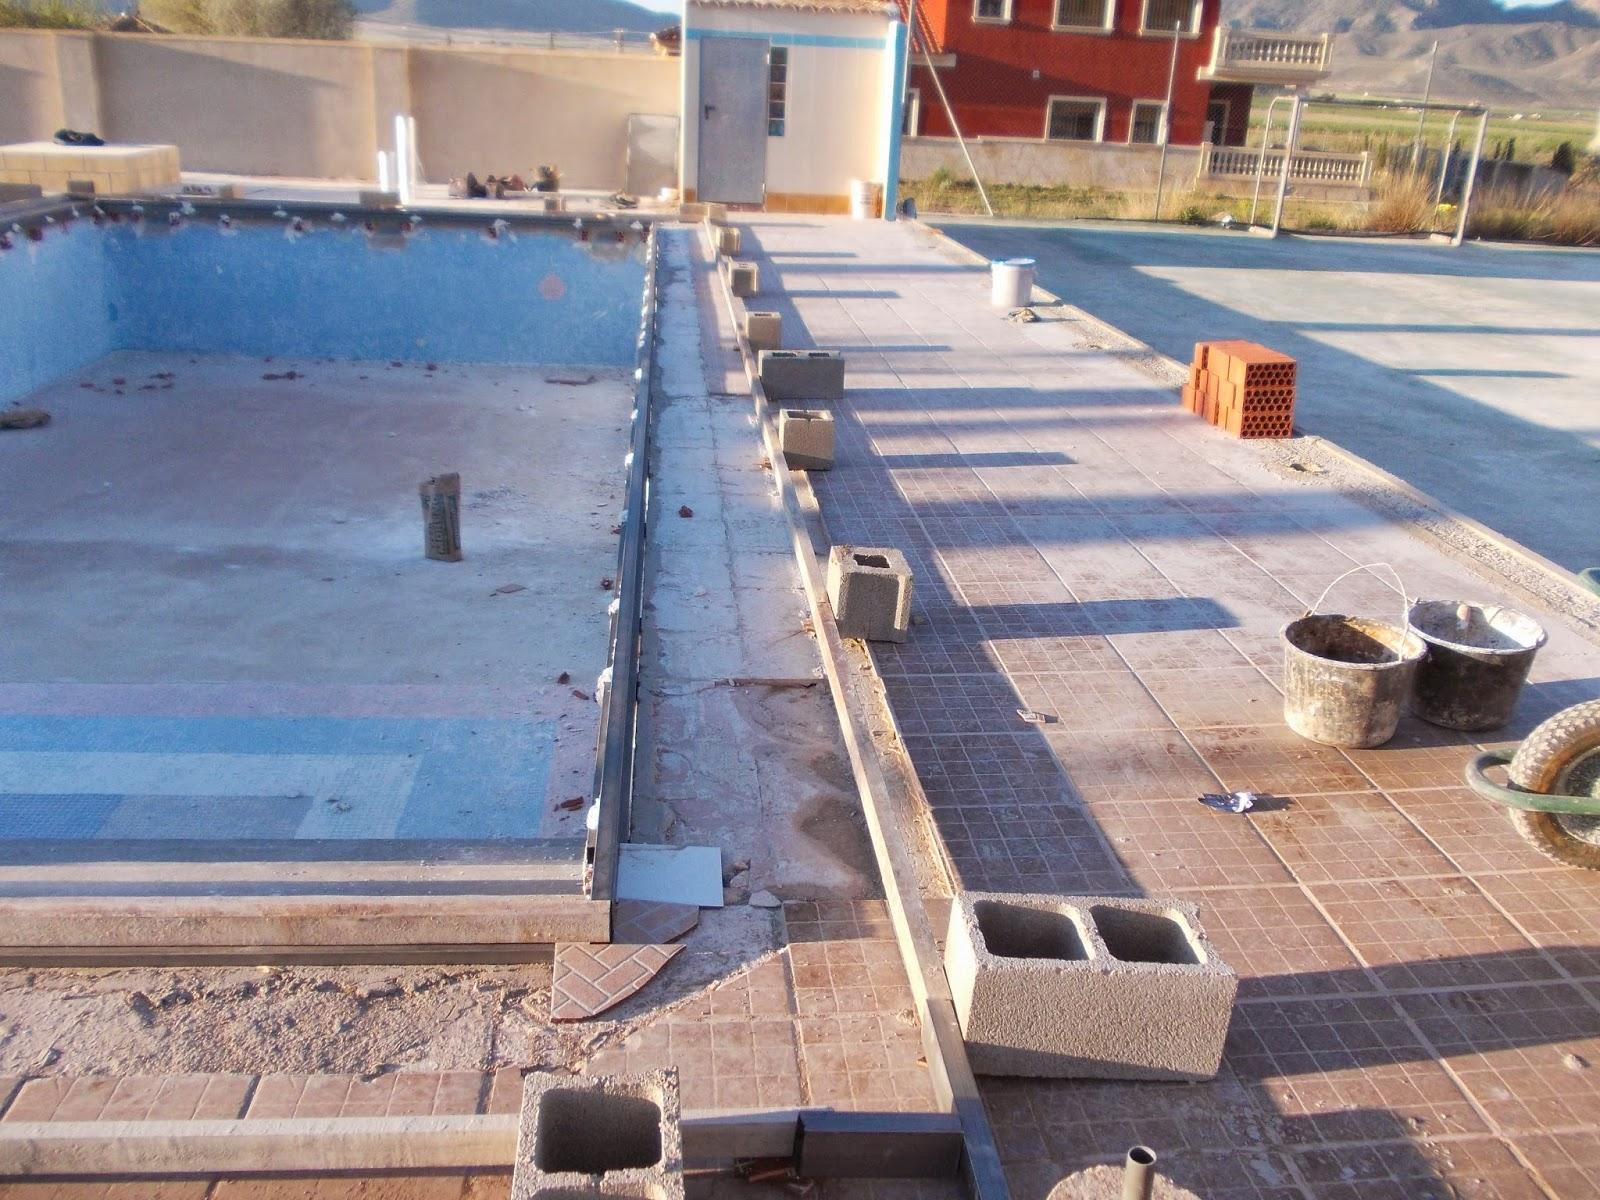 Piedra coronaci n de piscina con hormig n impreso for Valores de piscinas de hormigon